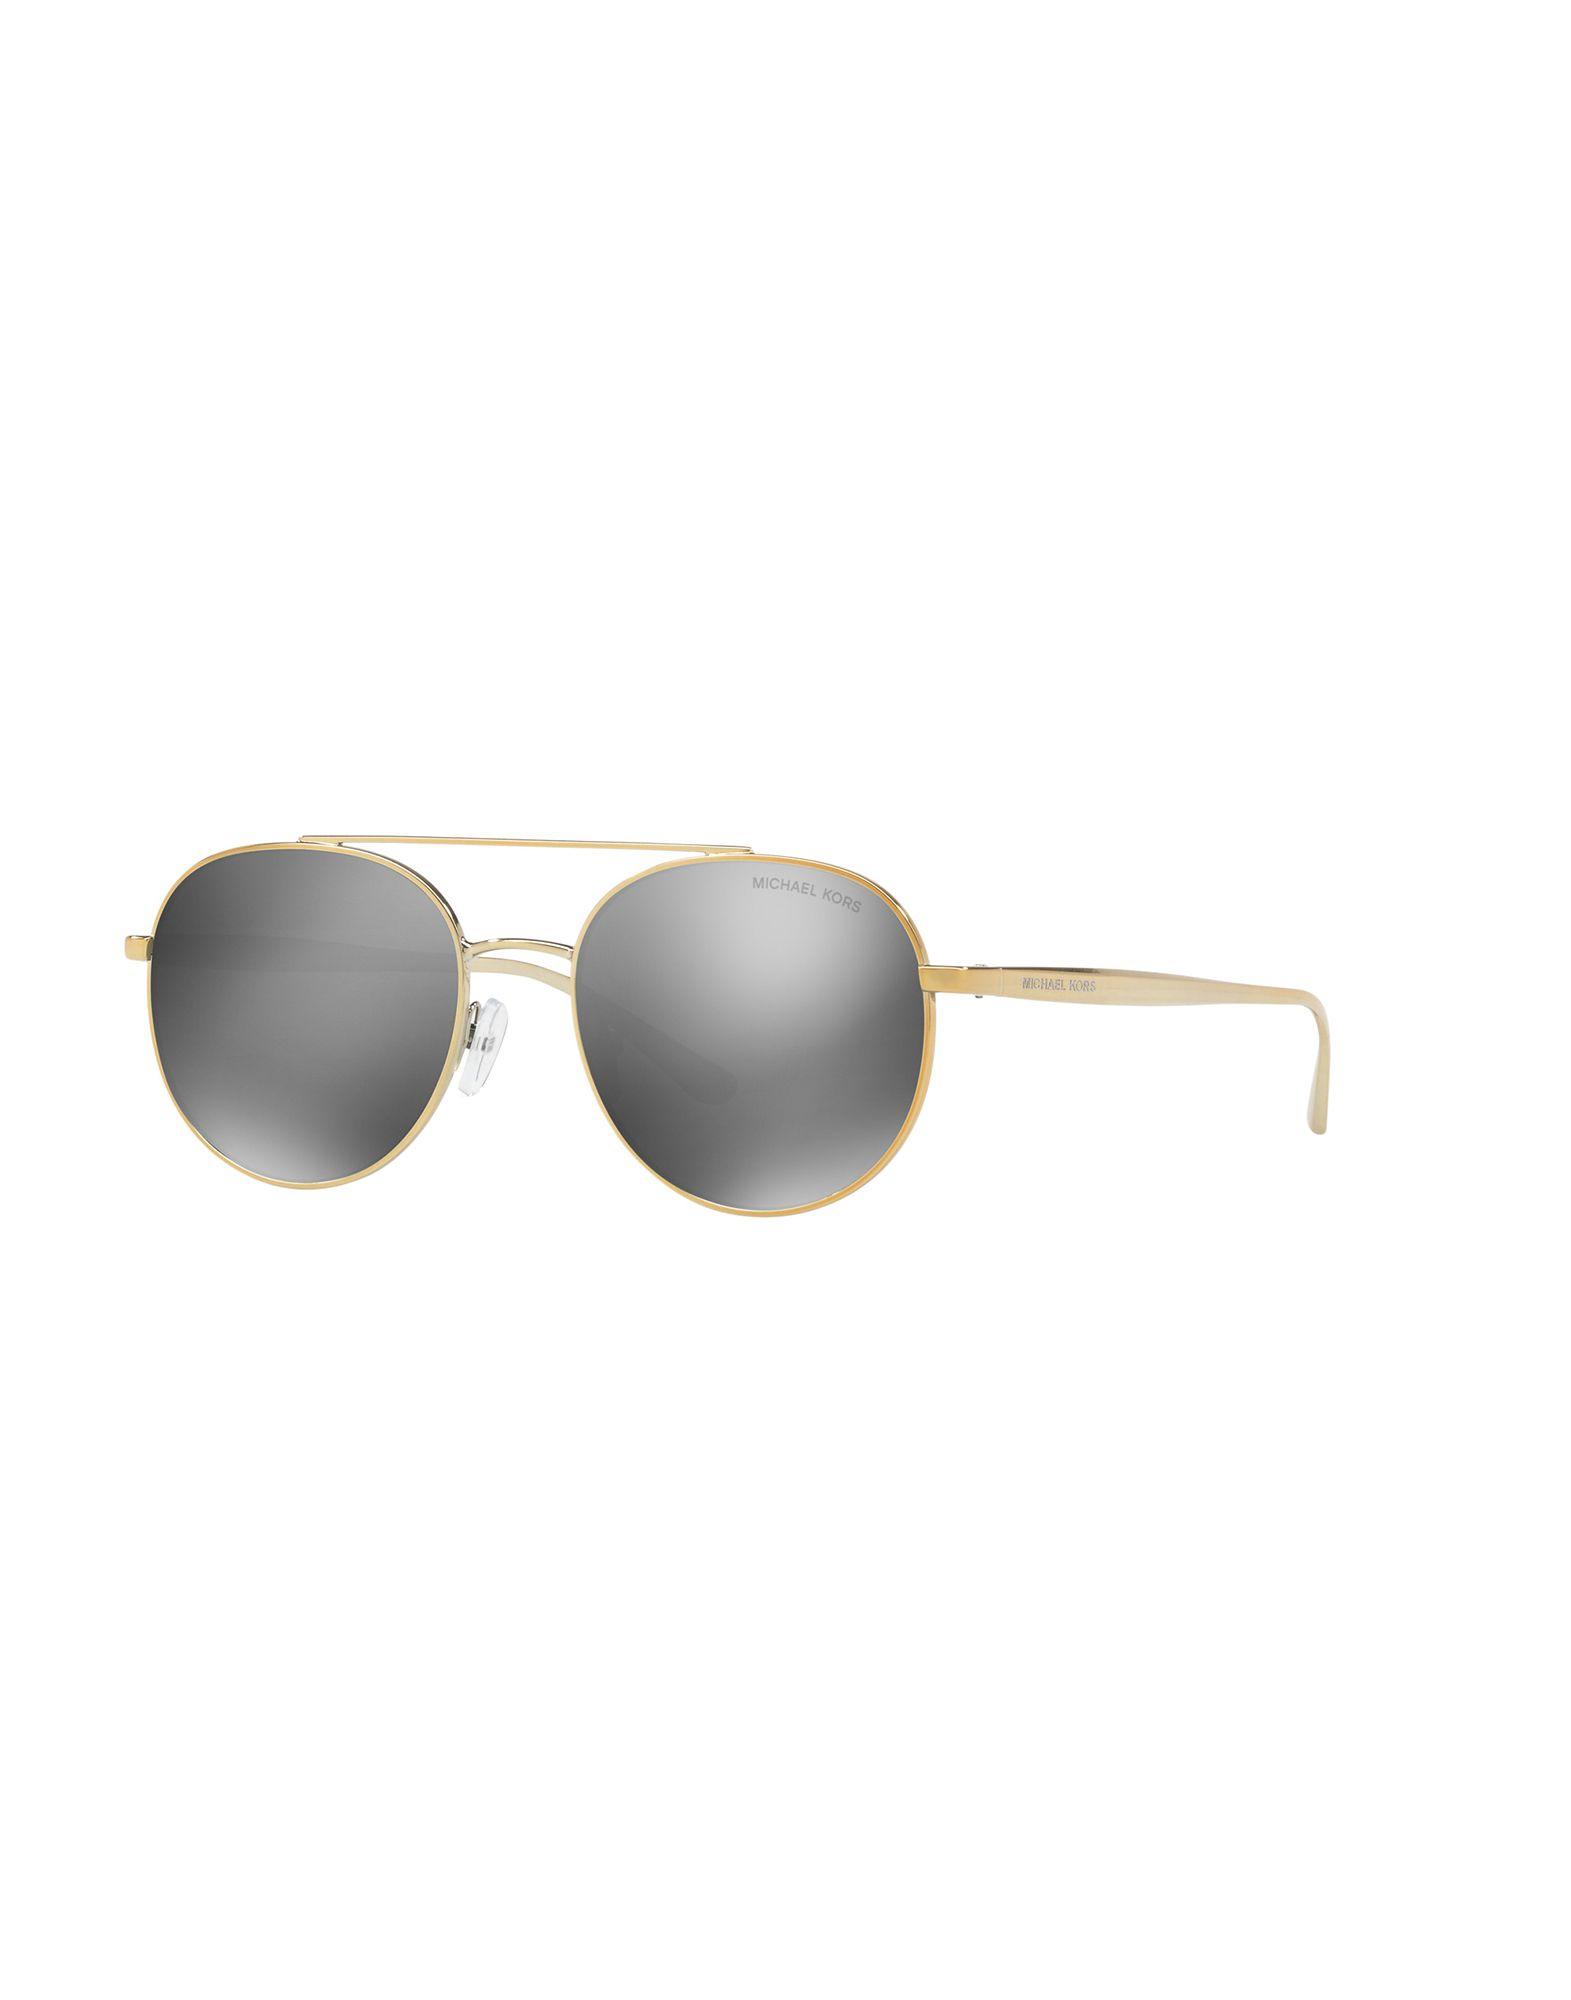 MICHAEL KORS Солнечные очки michael kors очки michael kors 0mk5006 10382557